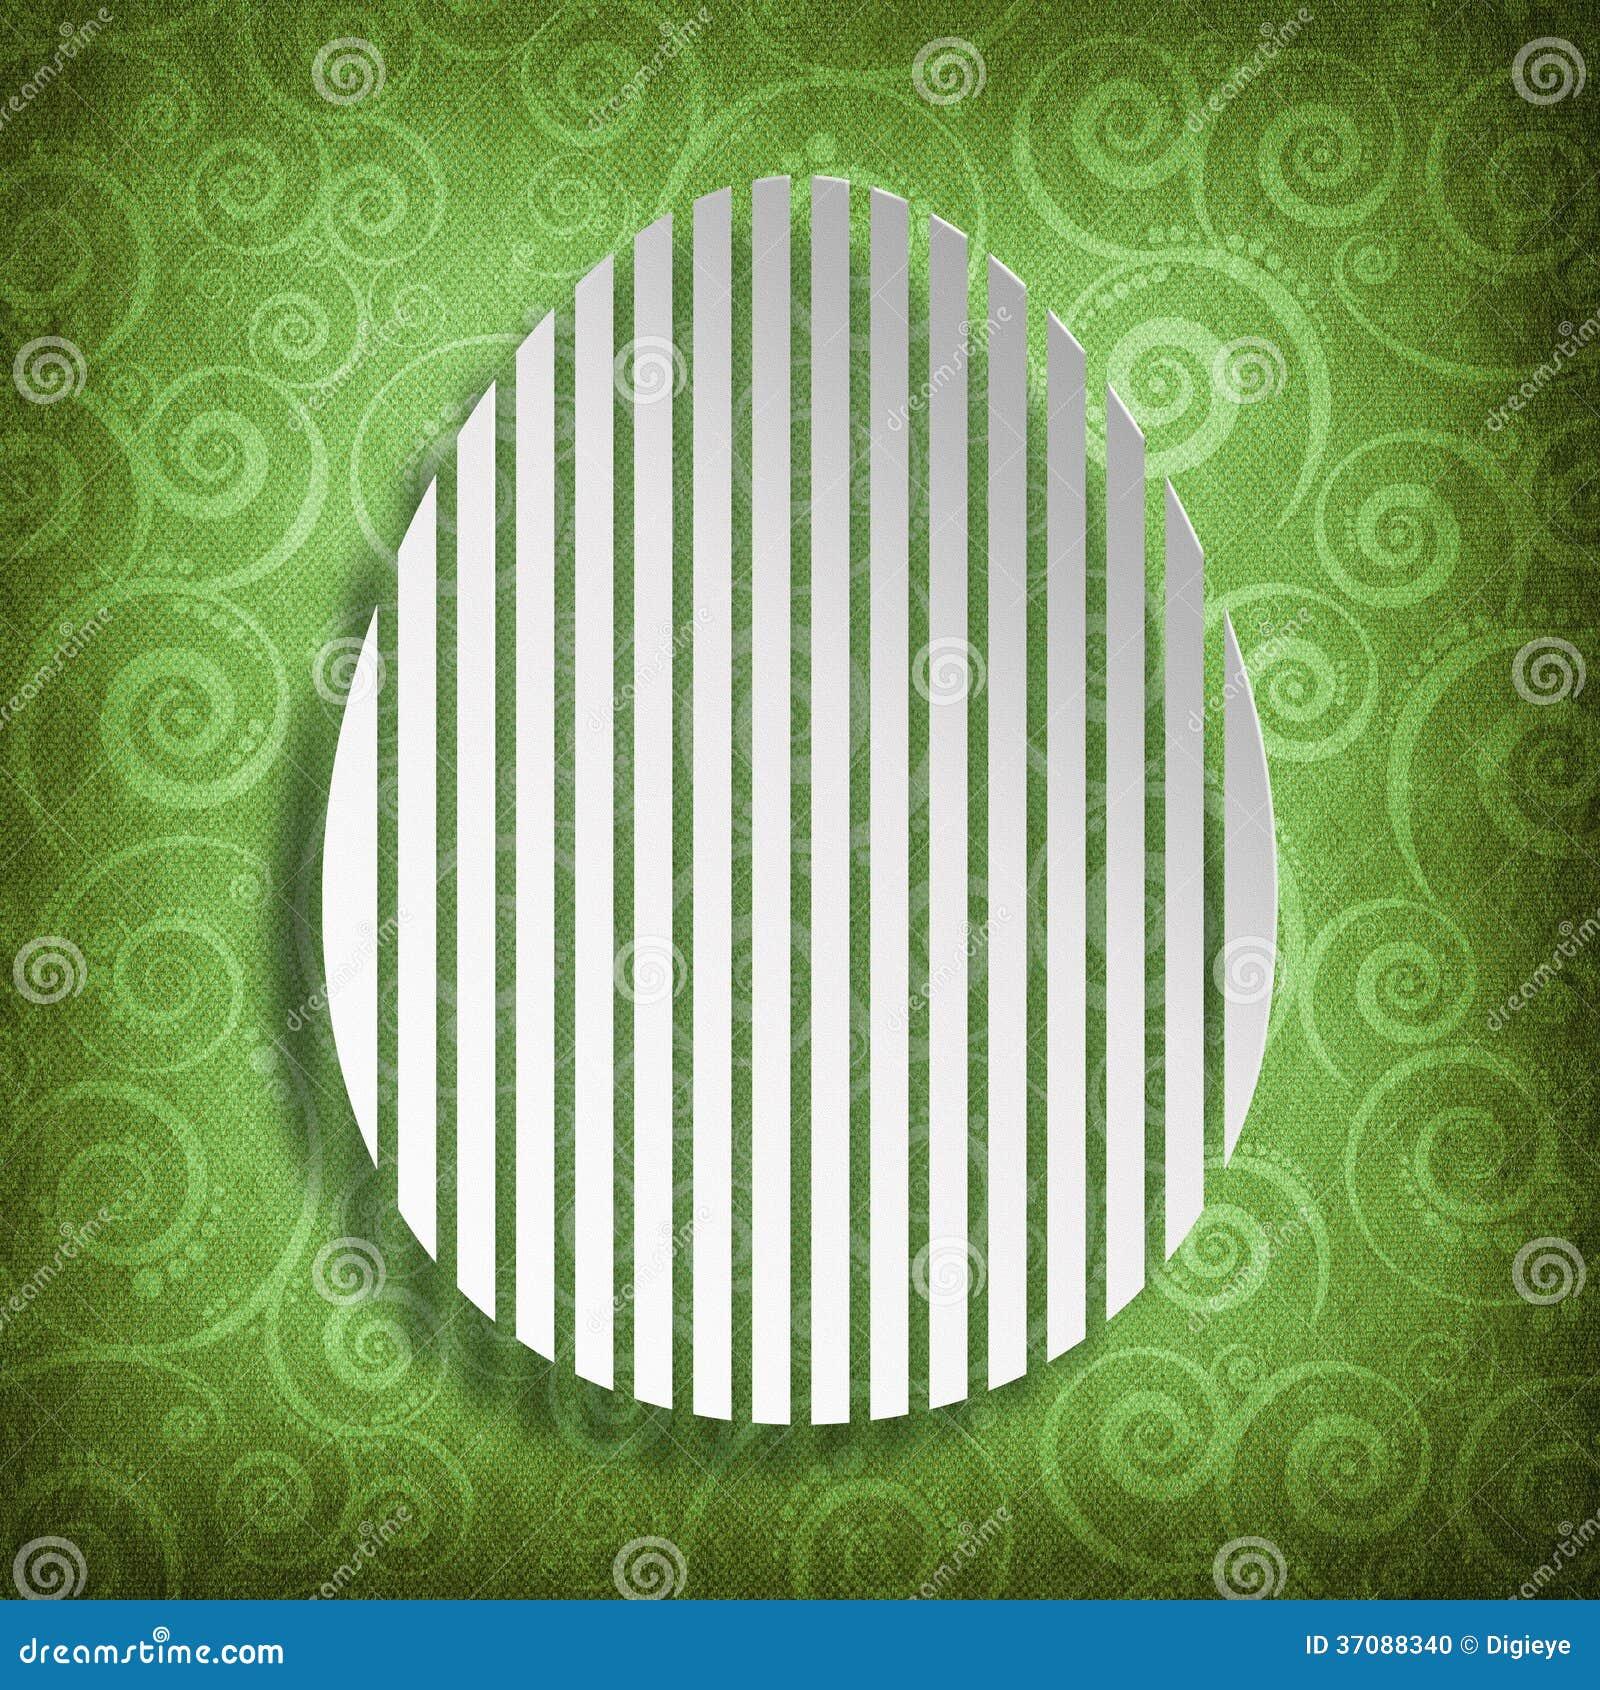 Download Szczęśliwa Wielkanoc - Kształt Jajko Na Wzorzystym Tle Ilustracji - Ilustracja złożonej z tradycyjny, ilustracje: 37088340